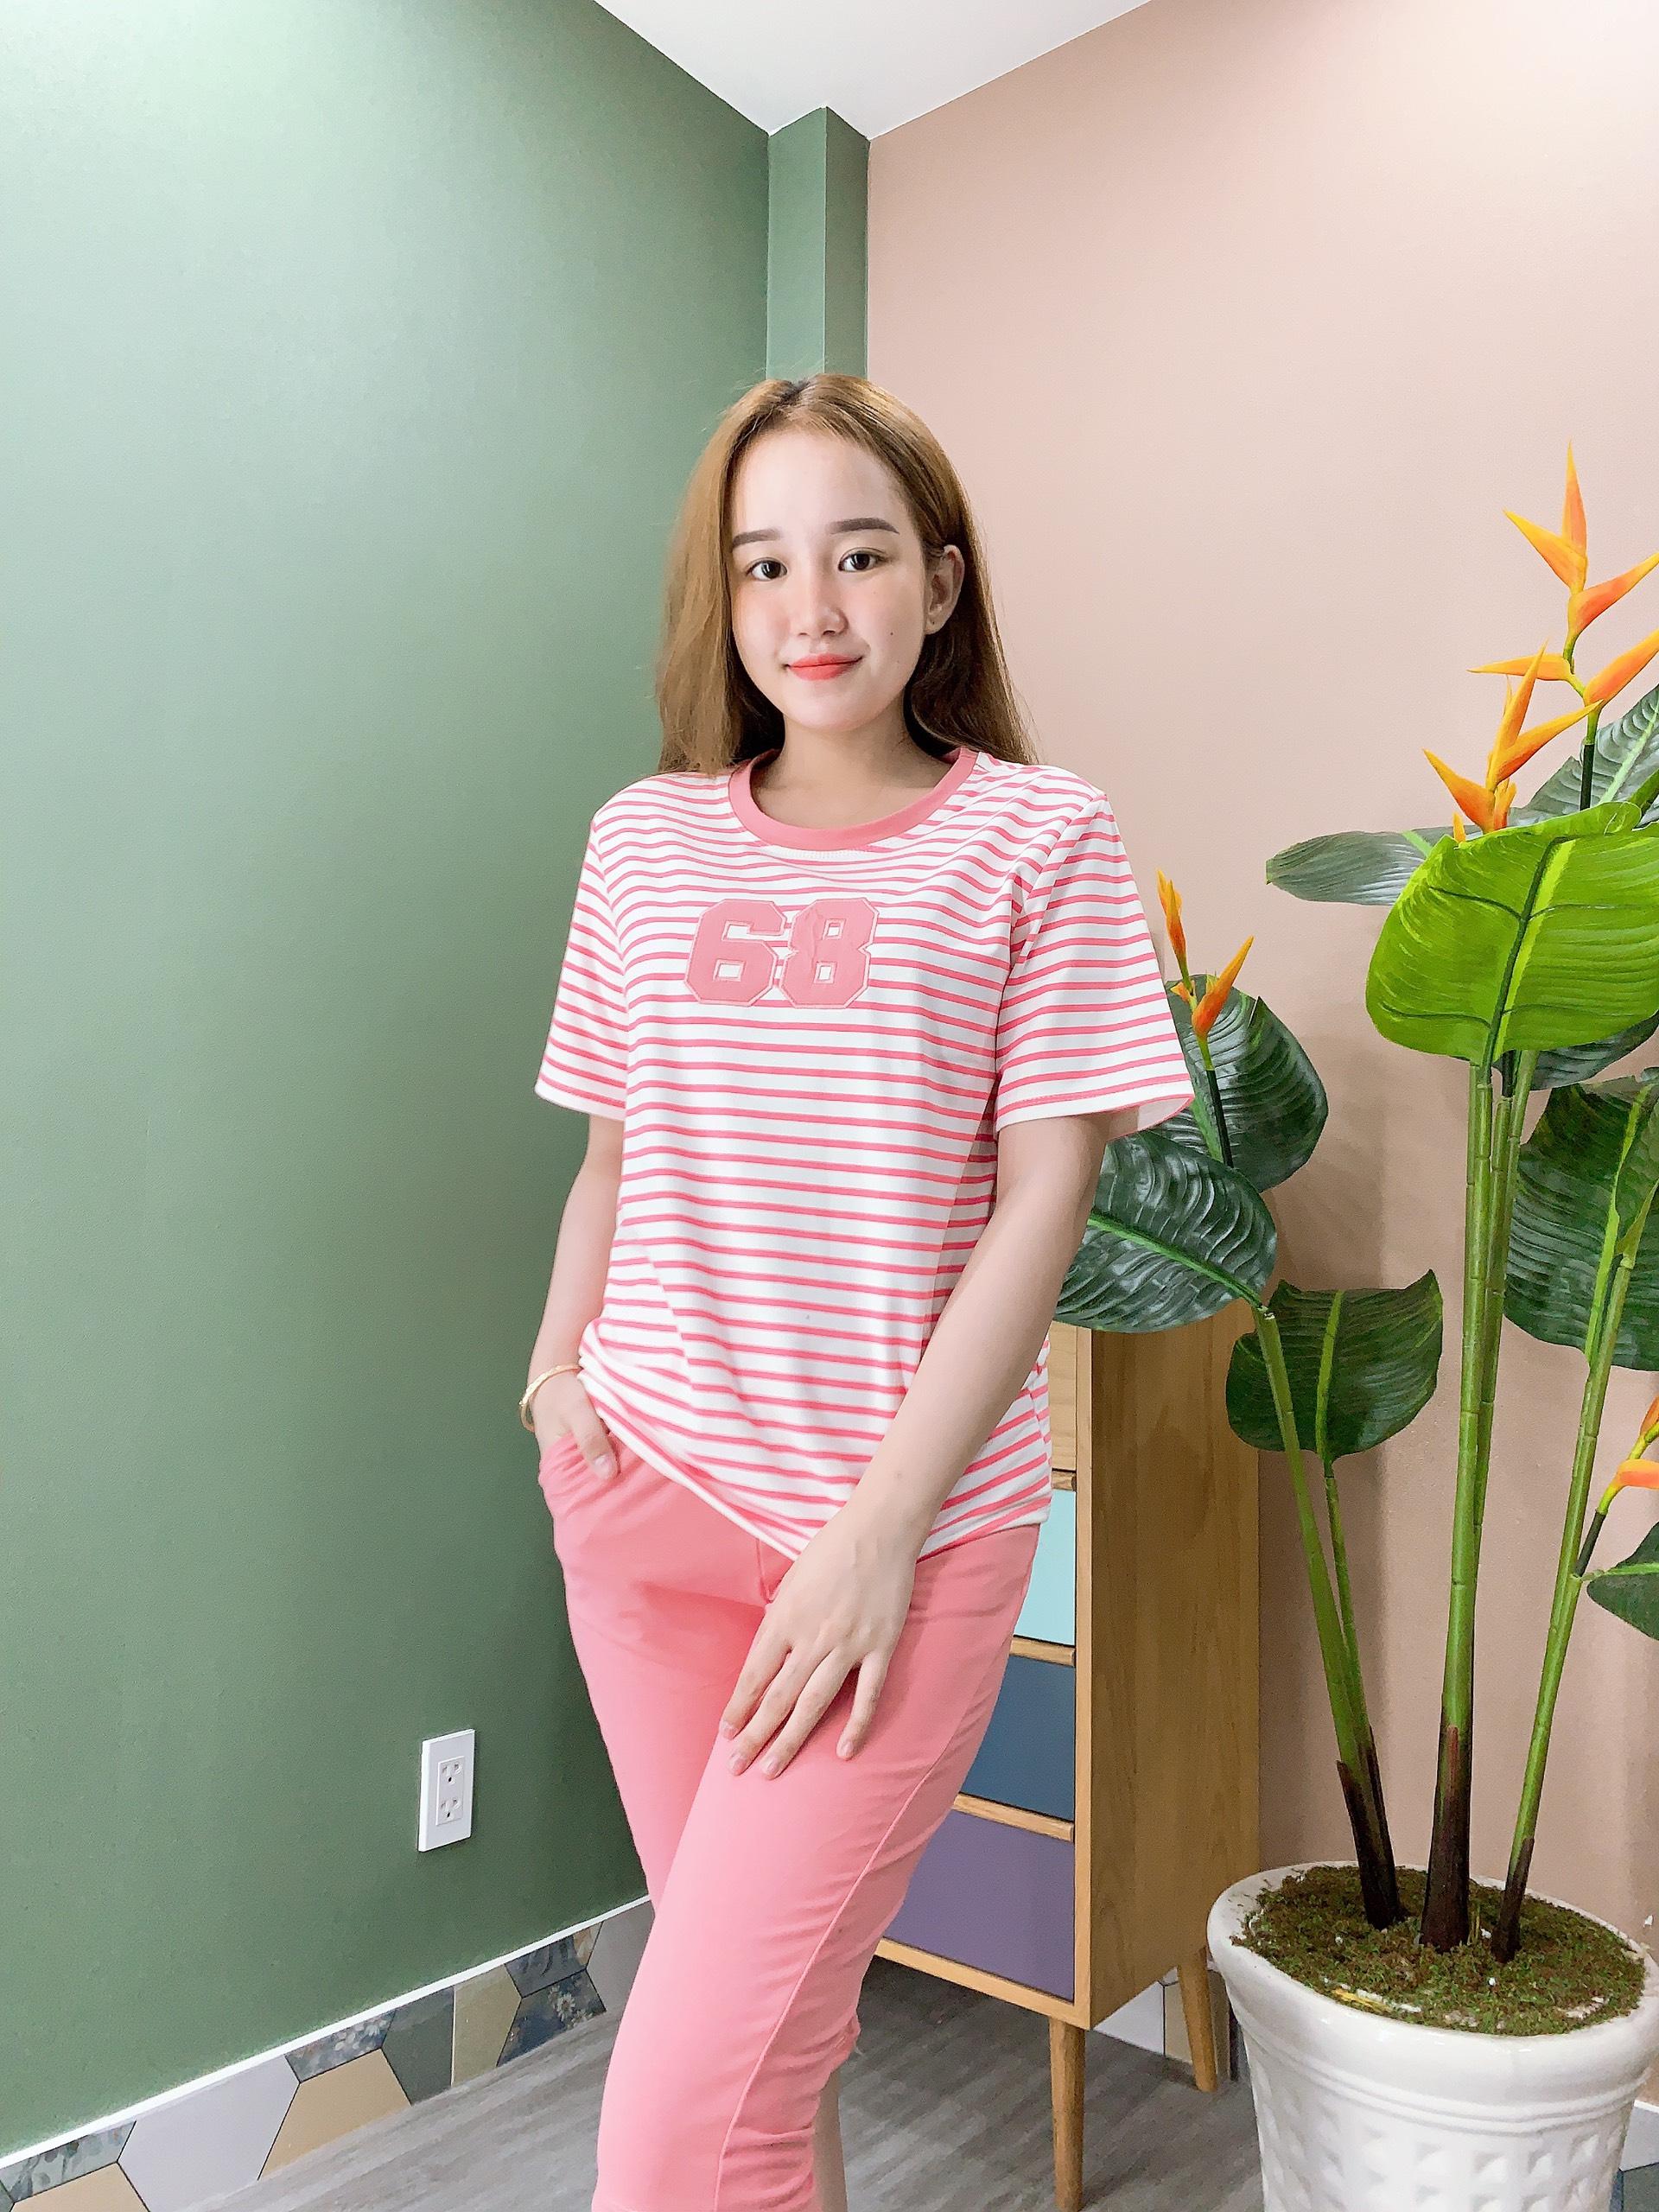 Sỉ đồ bộ thun nữ áo sọc thêu số 68 quần lững - ANN.COM.VN